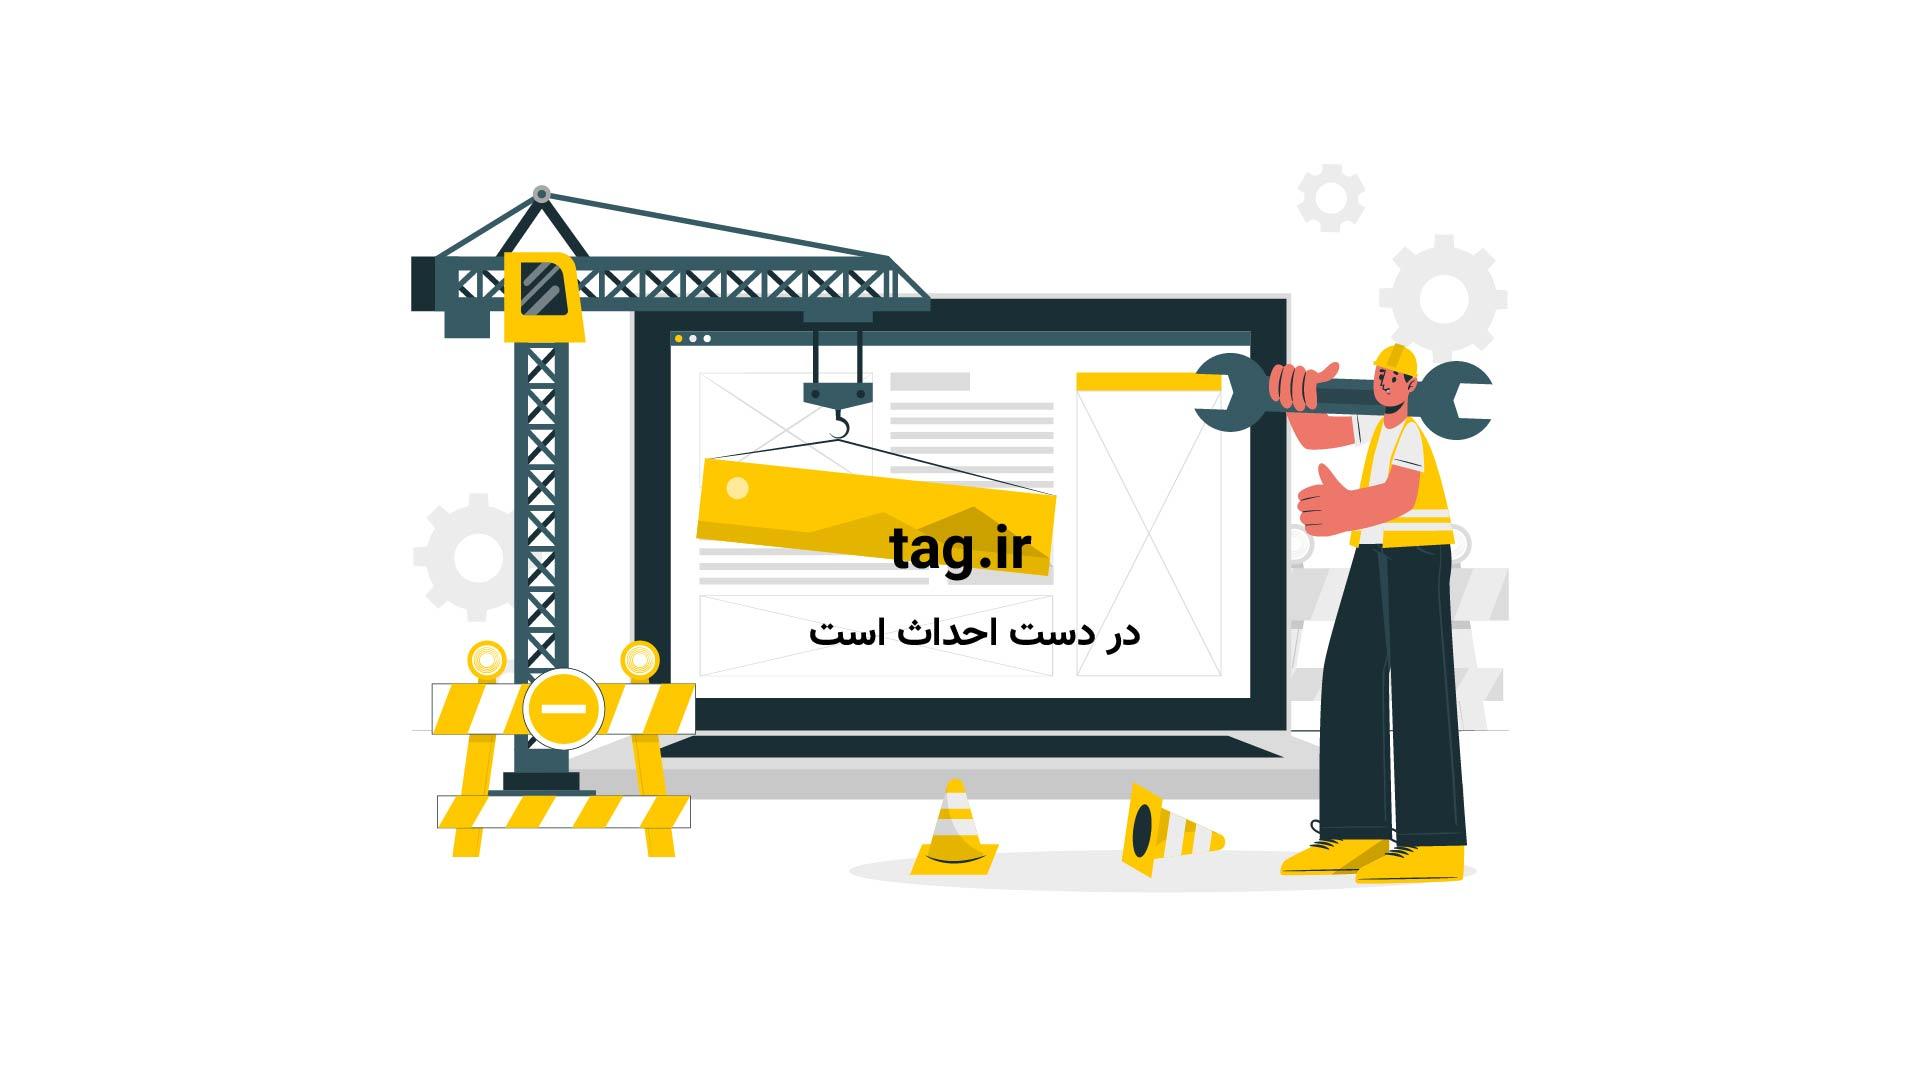 فیلم پیش بینی احسان حدادی از پرتاب خود در المپیک ریو